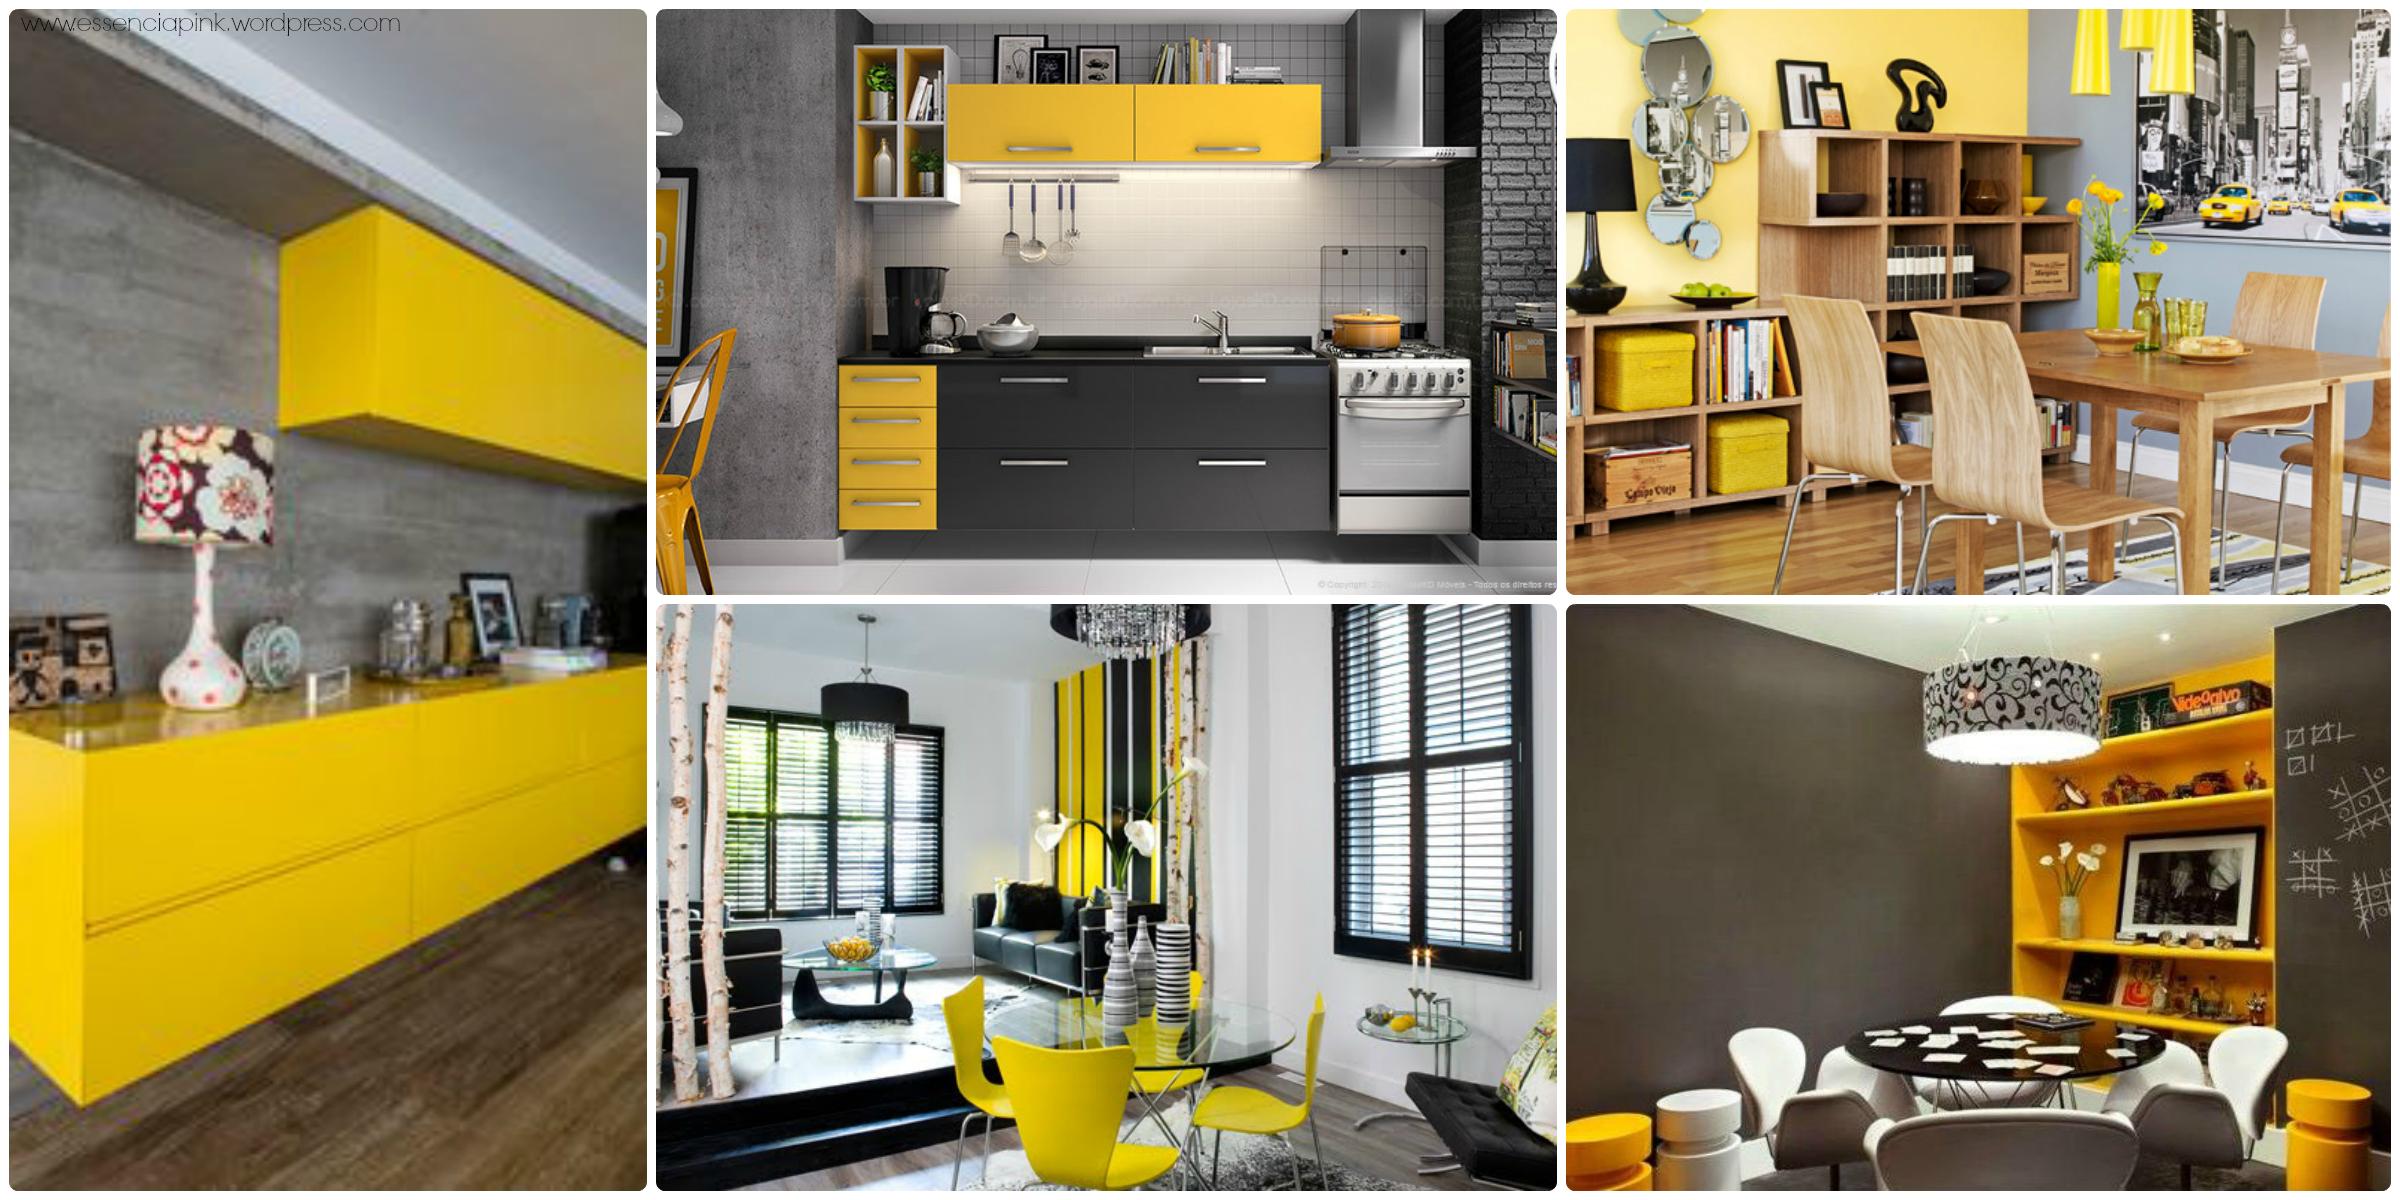 cozinha amarelo com cinza blog essenciapink #C09E0B 2400x1200 Banheiro Amarelo Com Cinza